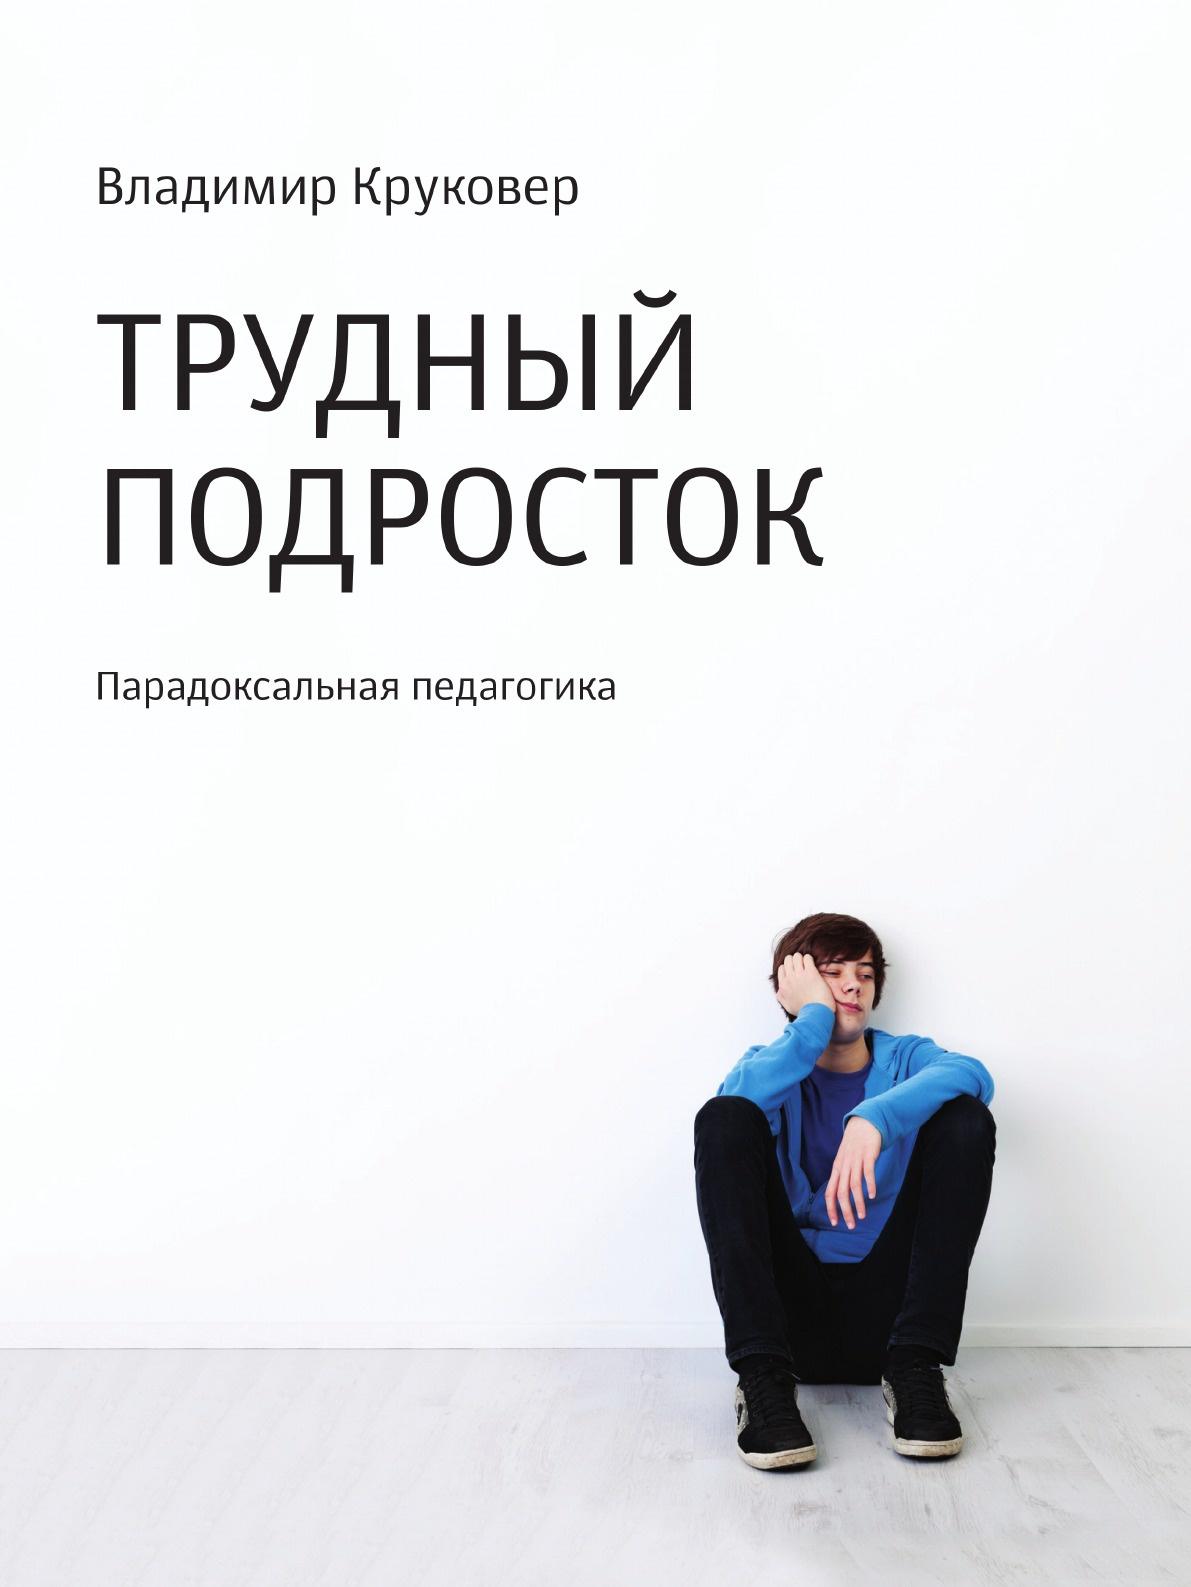 Владимир Круковер Трудный подросток. Парадоксальная педагогика